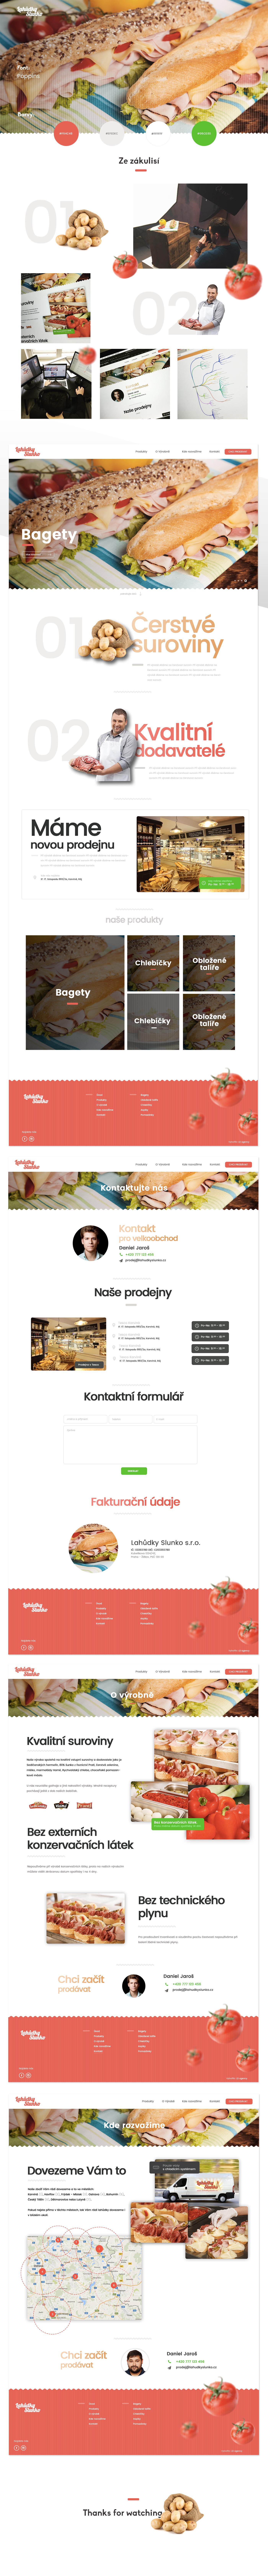 Website Food  Webdesign baguette sandwich Fruit vegetable